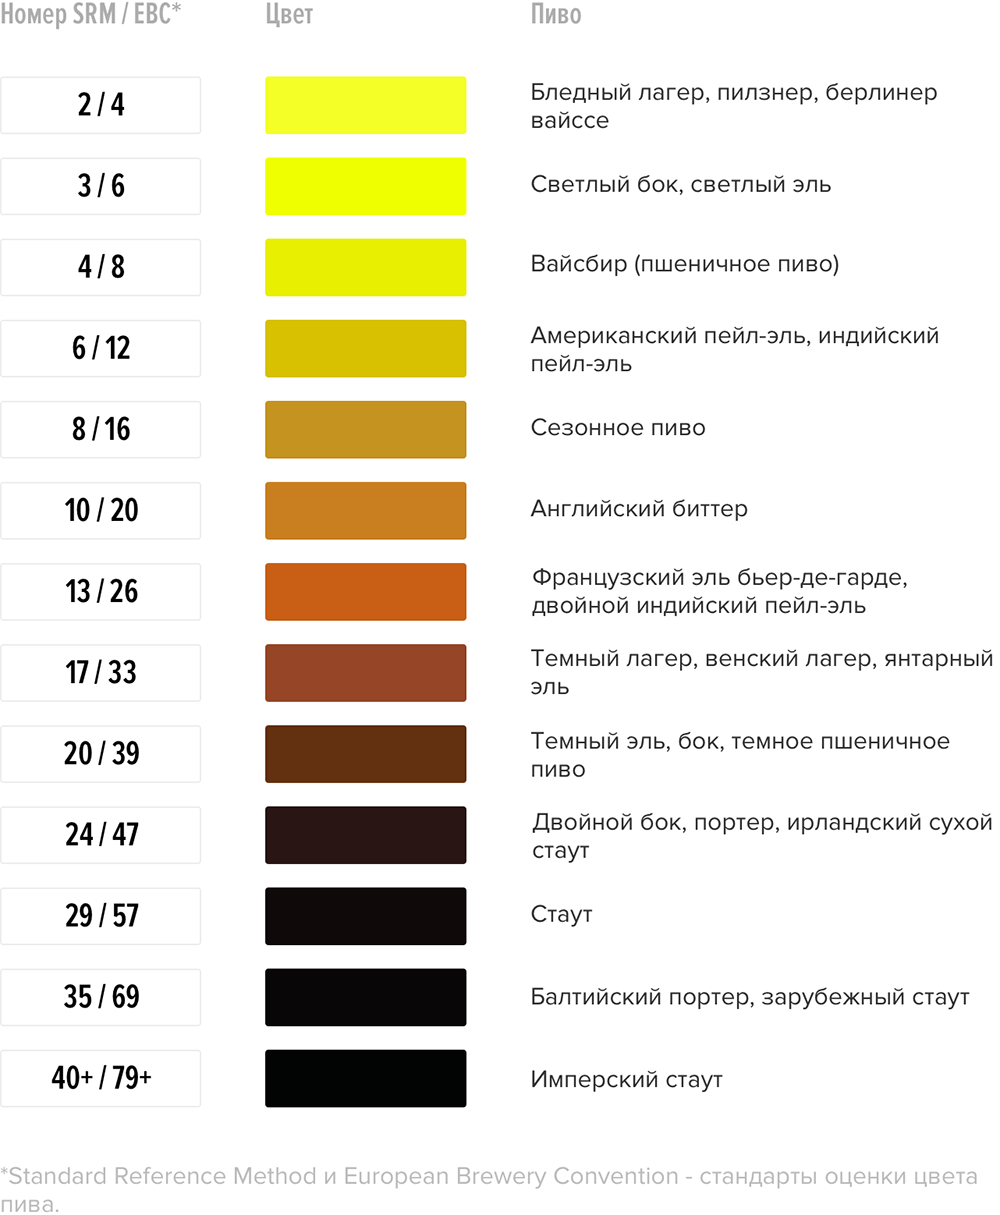 Горечь и конечная плотность в ламбиках и гёзах